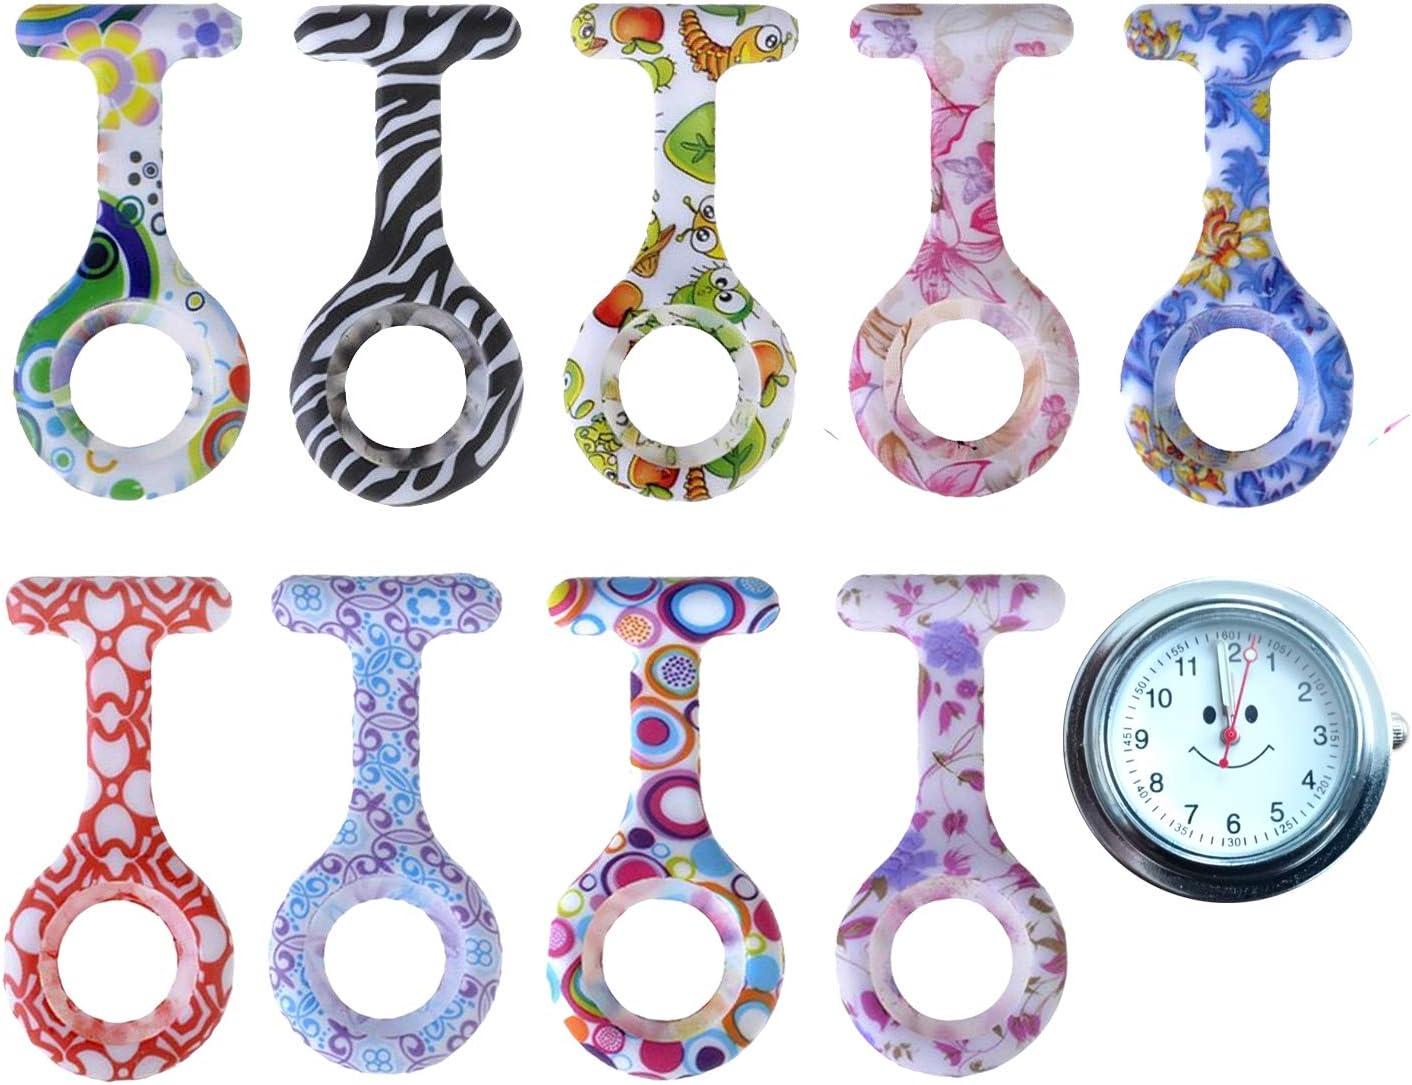 Tiga Med 9Diseño Set Tiga Med con batería de gran calidad (1x Reloj + 9Diseño Silicona Fundas) Bata Reloj Enfermera Reloj